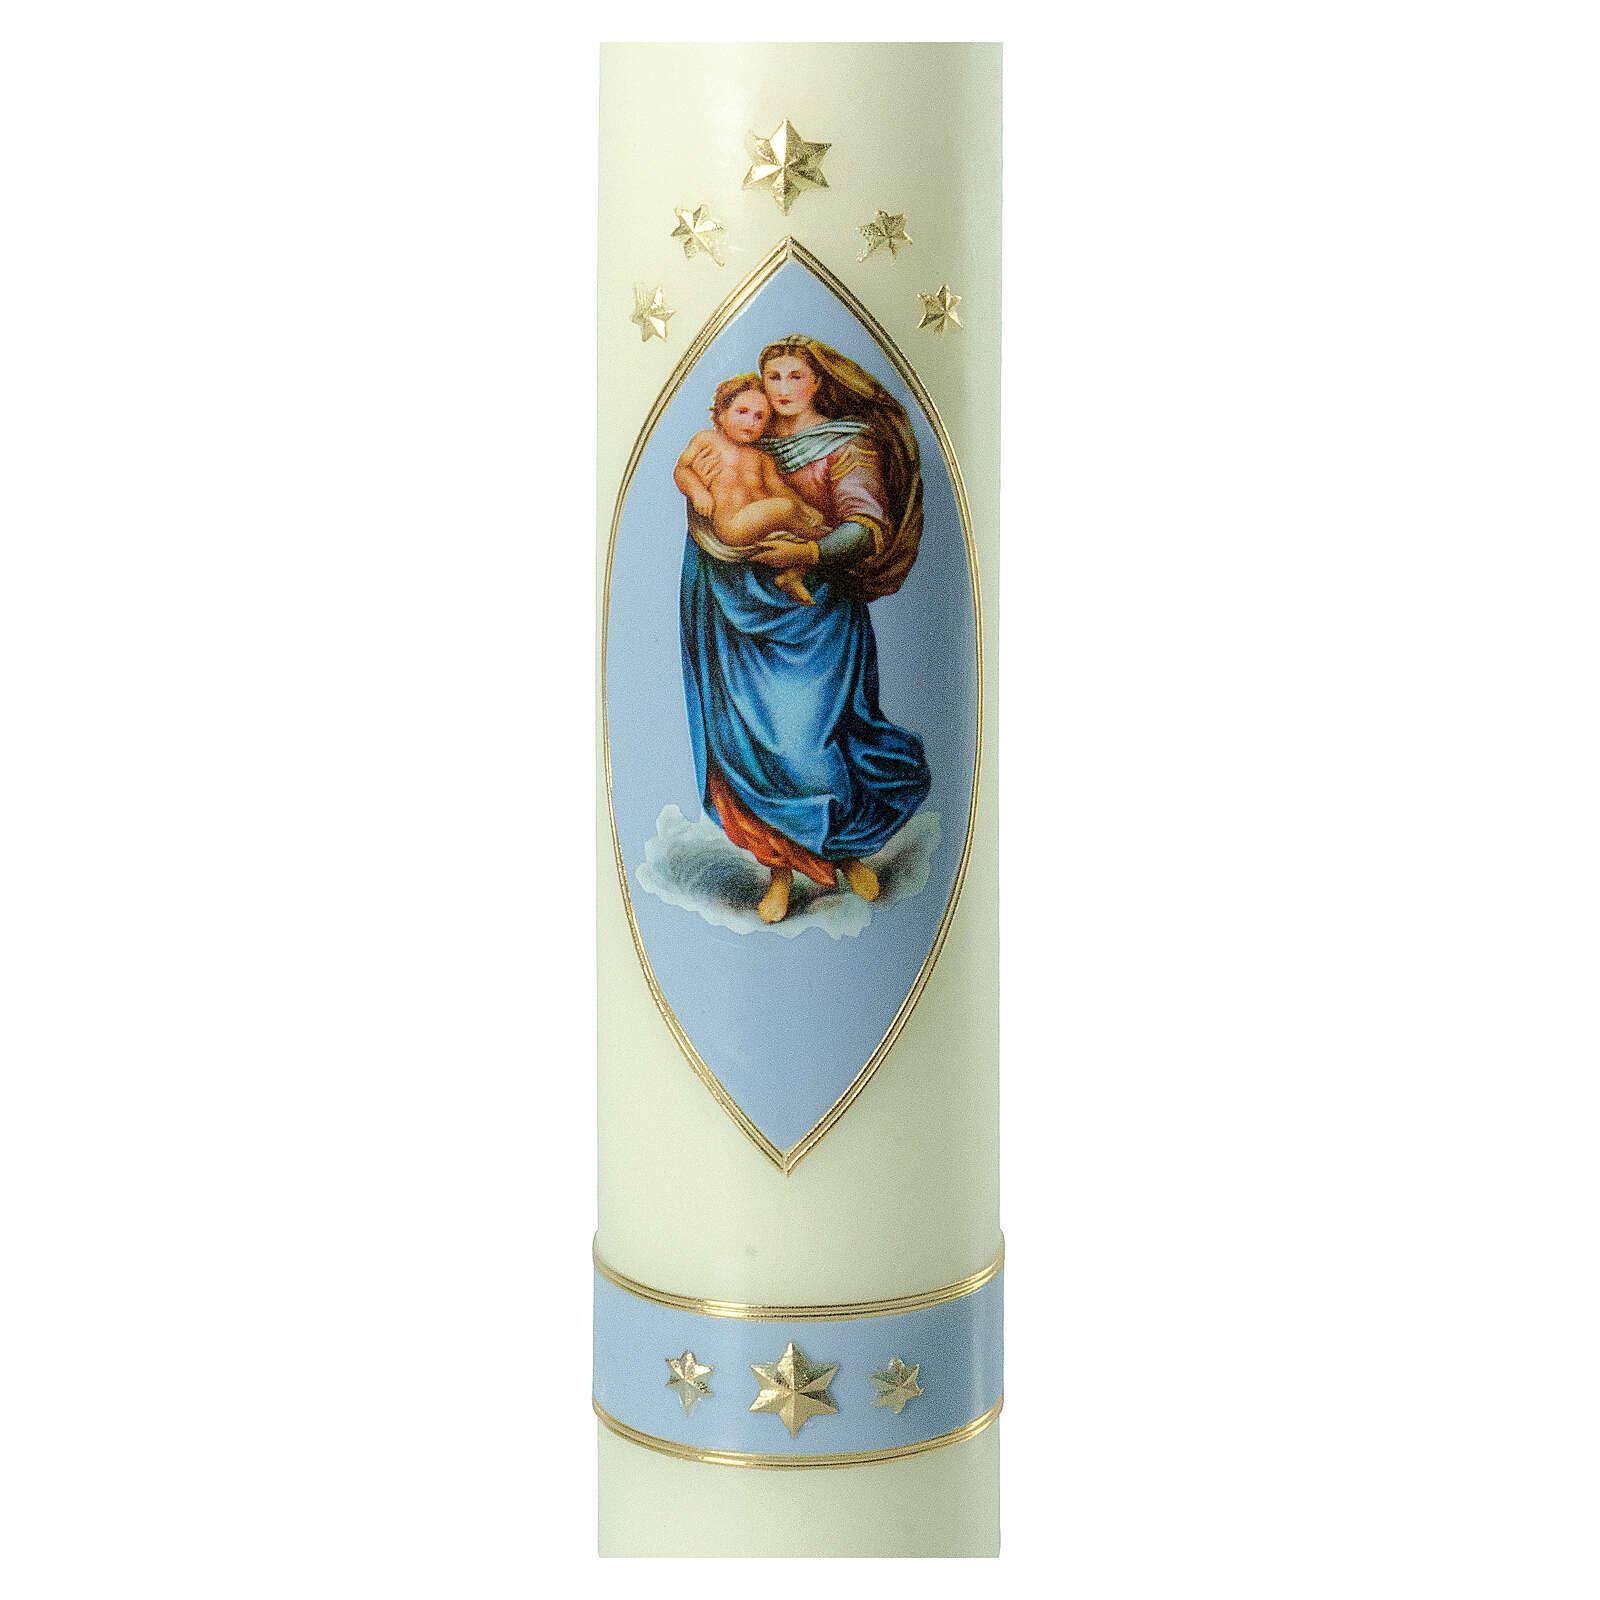 Kerze Sixtinische Madonna blau gold, 300x60 mm 3